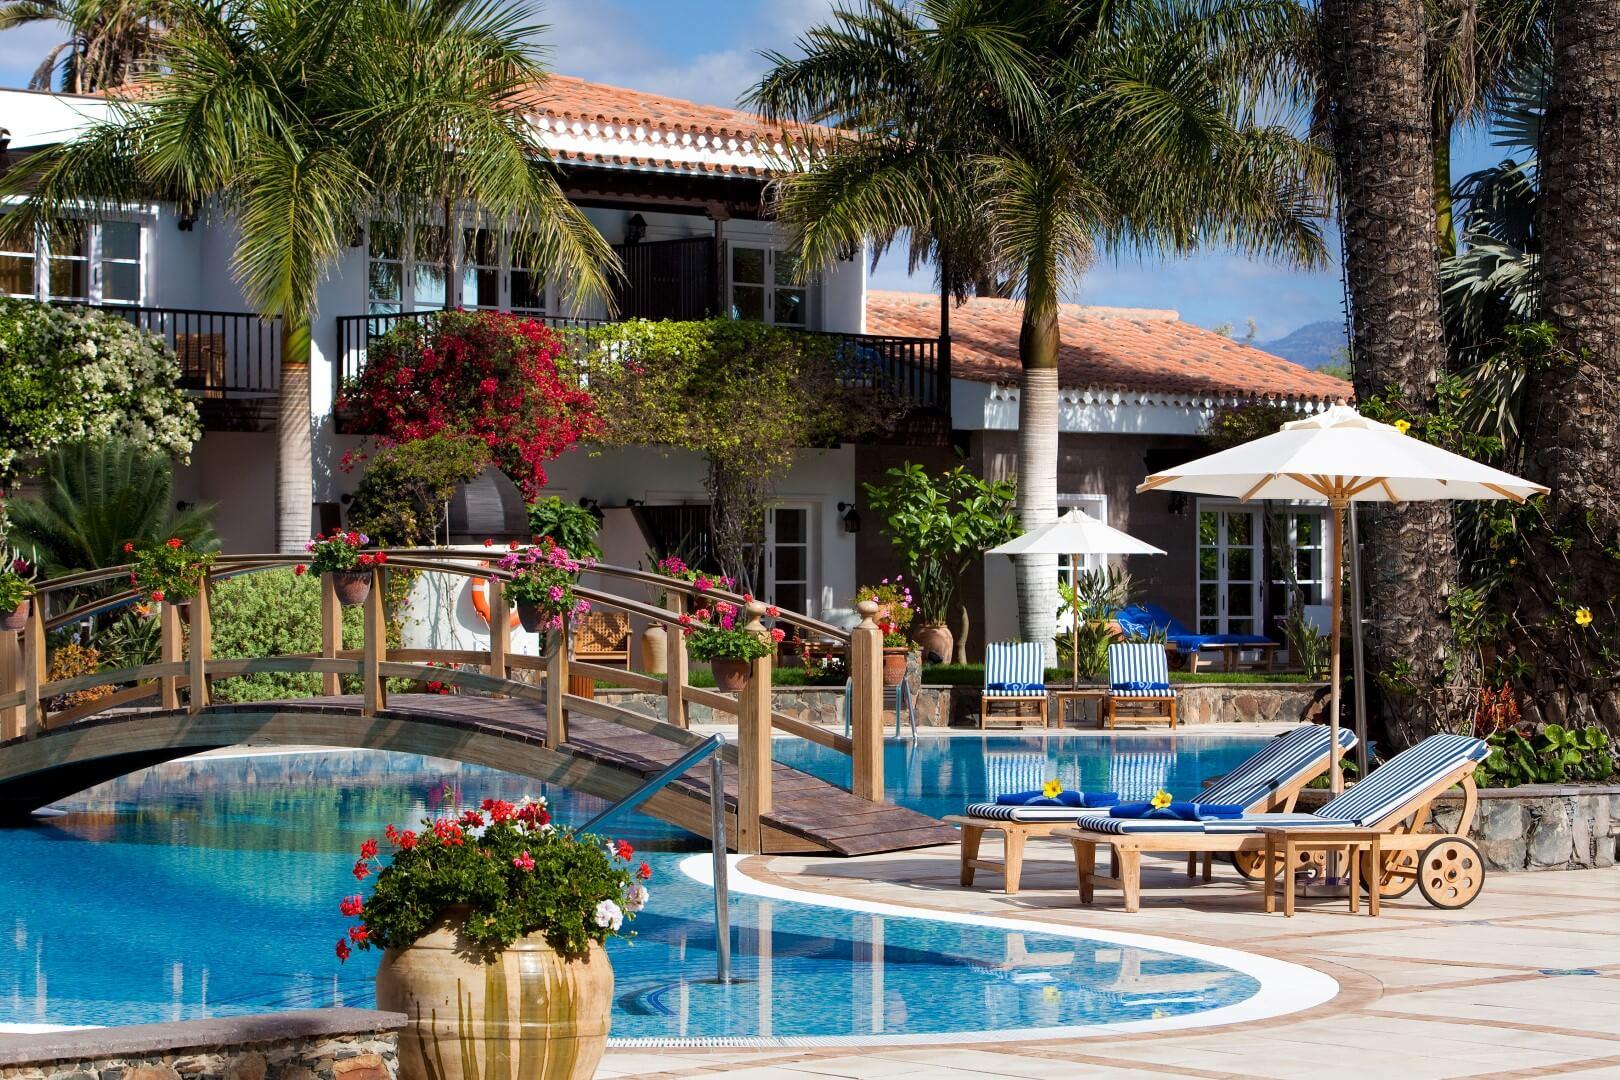 El precio de los hoteles en septiembre ser hasta un 43 m s econ mico - Hoteles en huesca con piscina ...